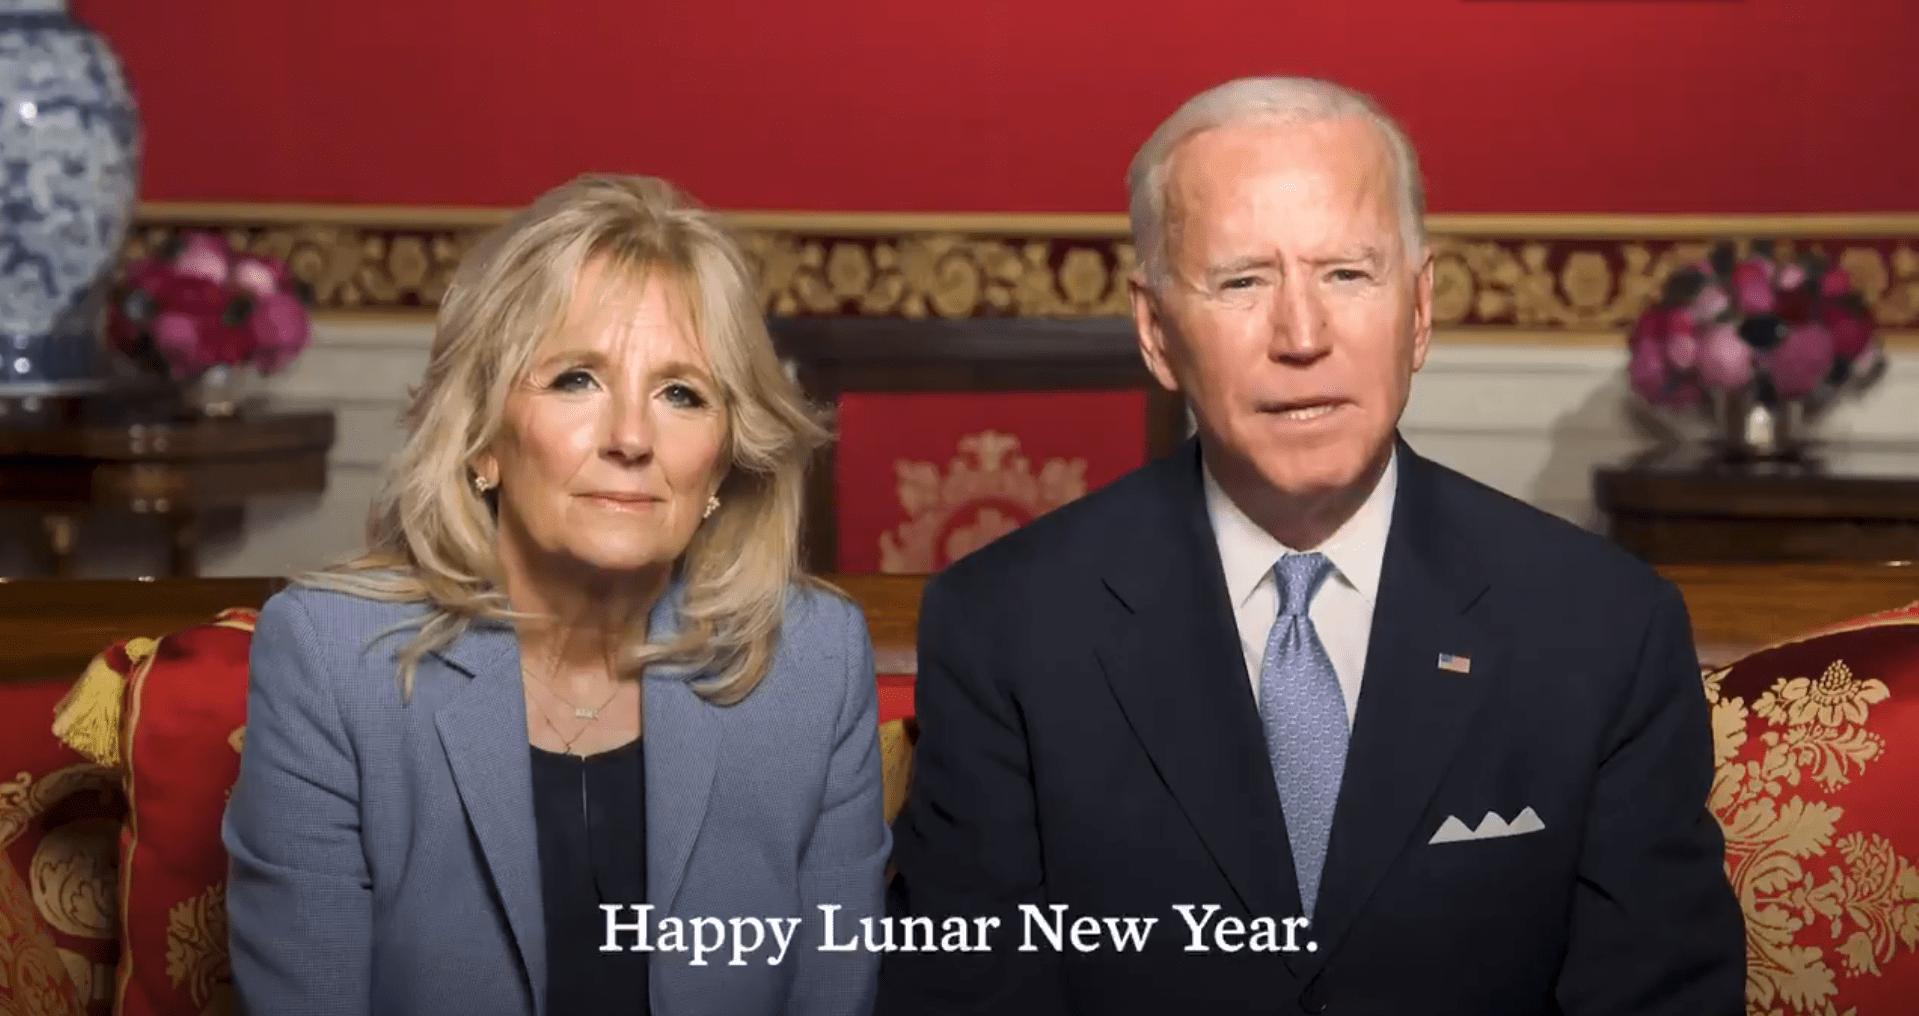 美国总统拜登和第一夫人发表春节祝福